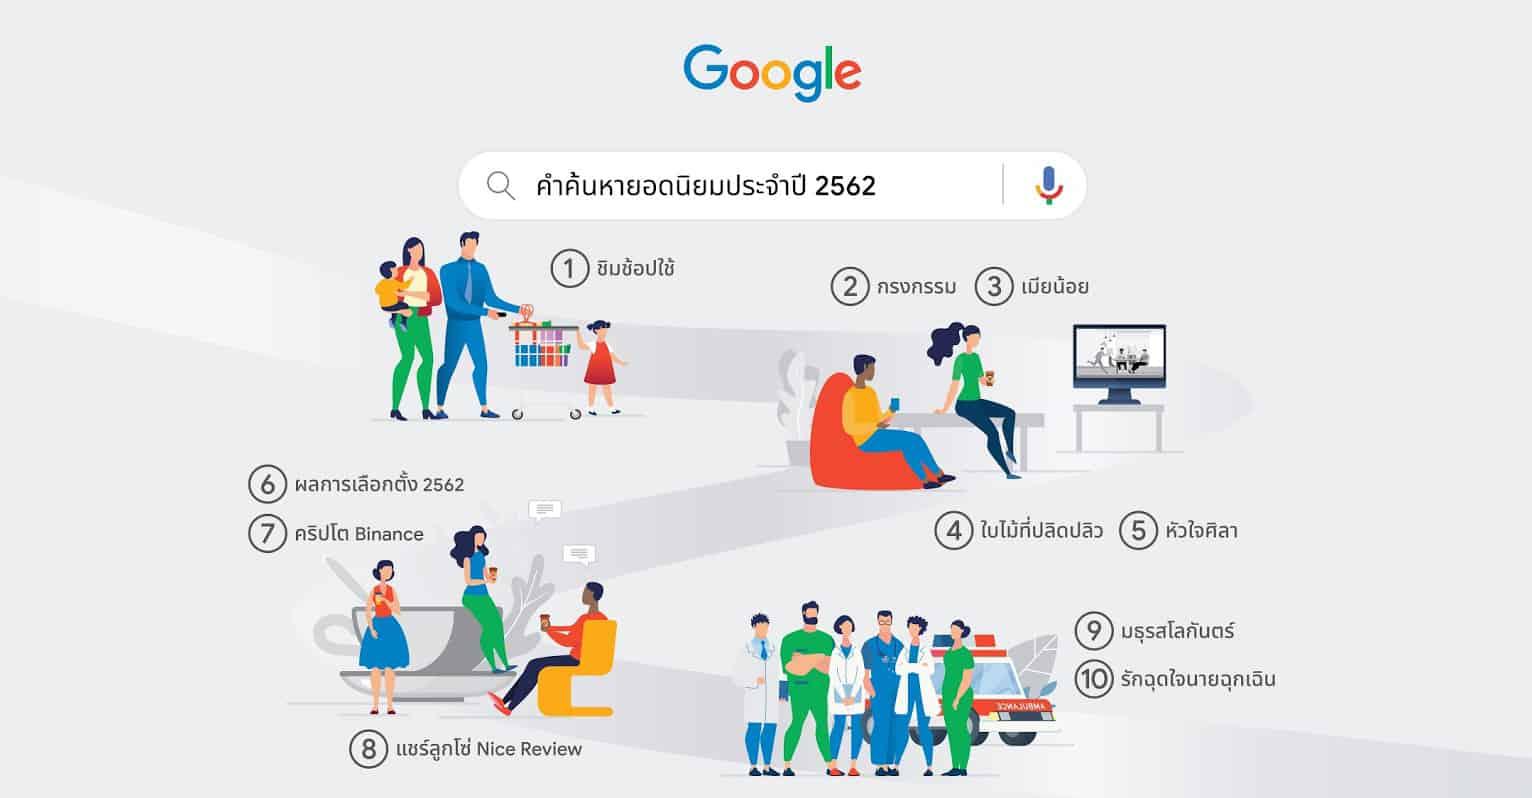 Google เผย 10 เรื่องที่คนไทยเสริชหามากที่สุดในปี 2562